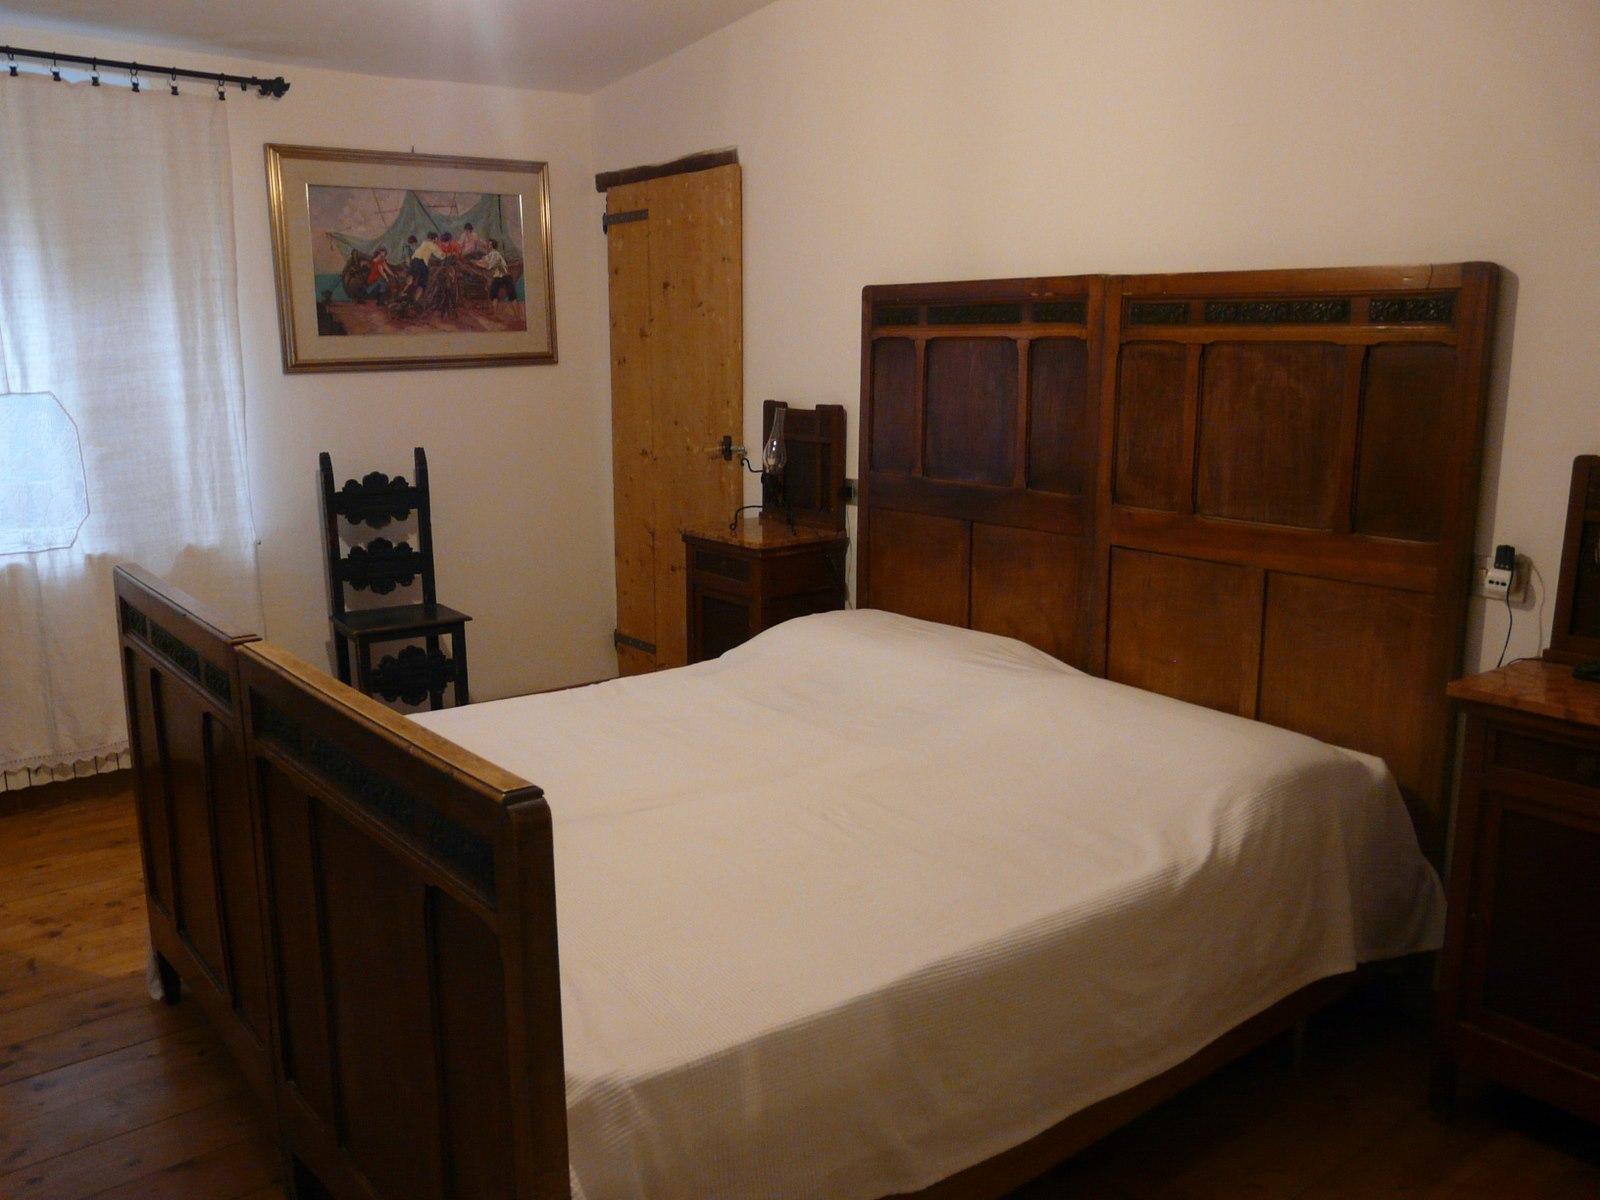 Ferienhaus Pescatore (870454), Fano (IT), Adriaküste (Marken), Marken, Italien, Bild 37